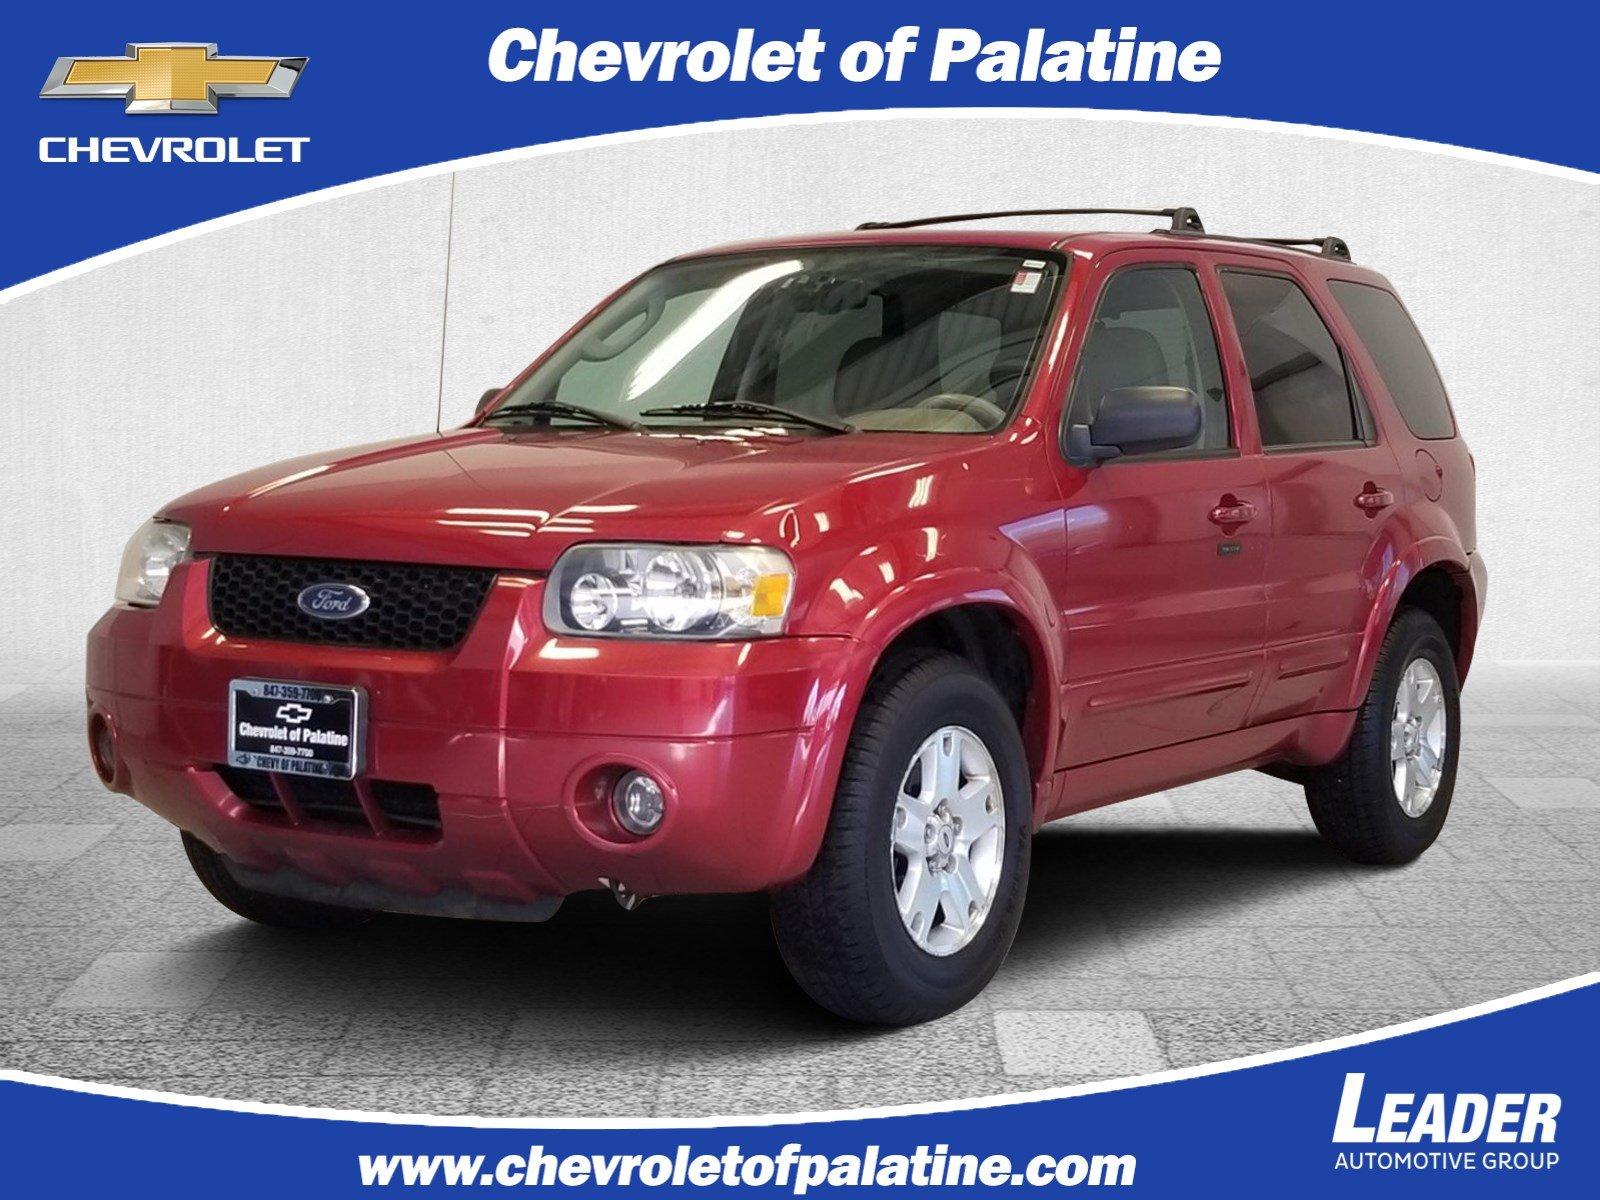 2006 Ford Escape Limited 3.0L SUV